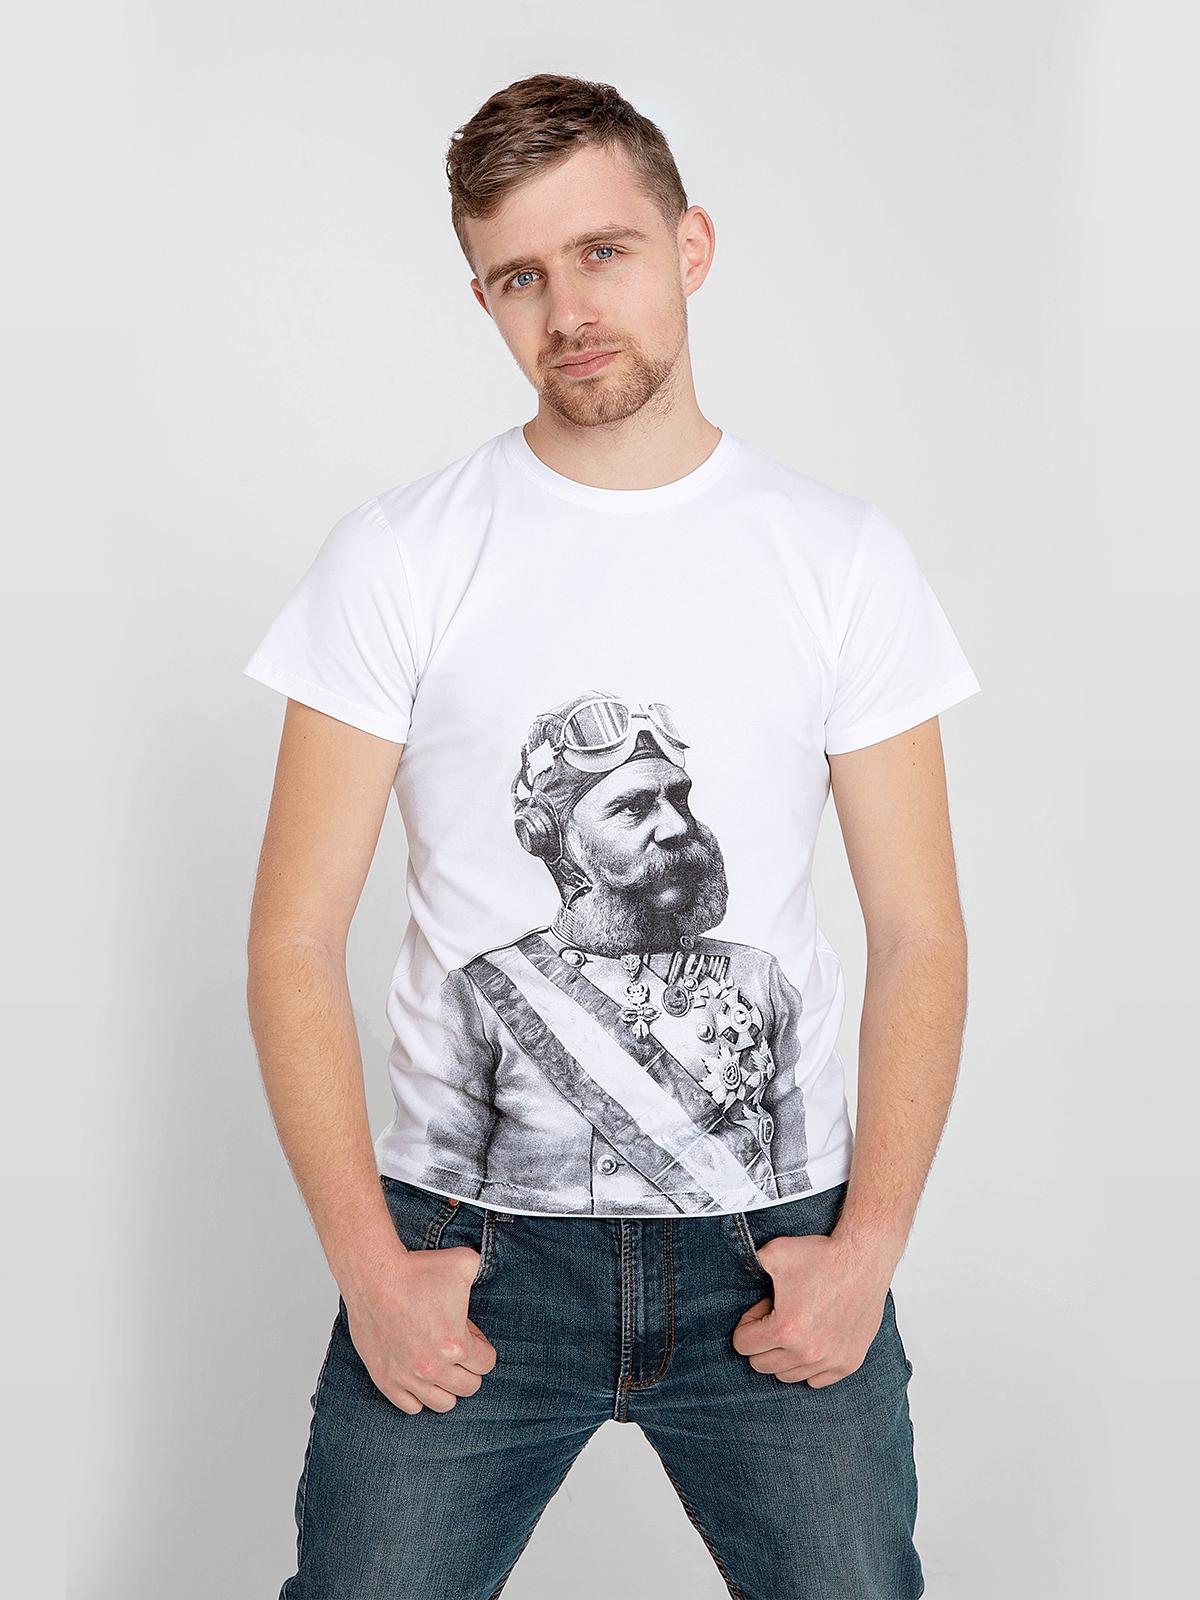 Чоловіча Футболка Франц Йосиф. Колір білий. Цей продукт наявнийВ ОСТАННІХ ЕКЗЕПЛЯРАХі більшеВИГОТОВЛЯТИСЬ НЕ БУДЕ.